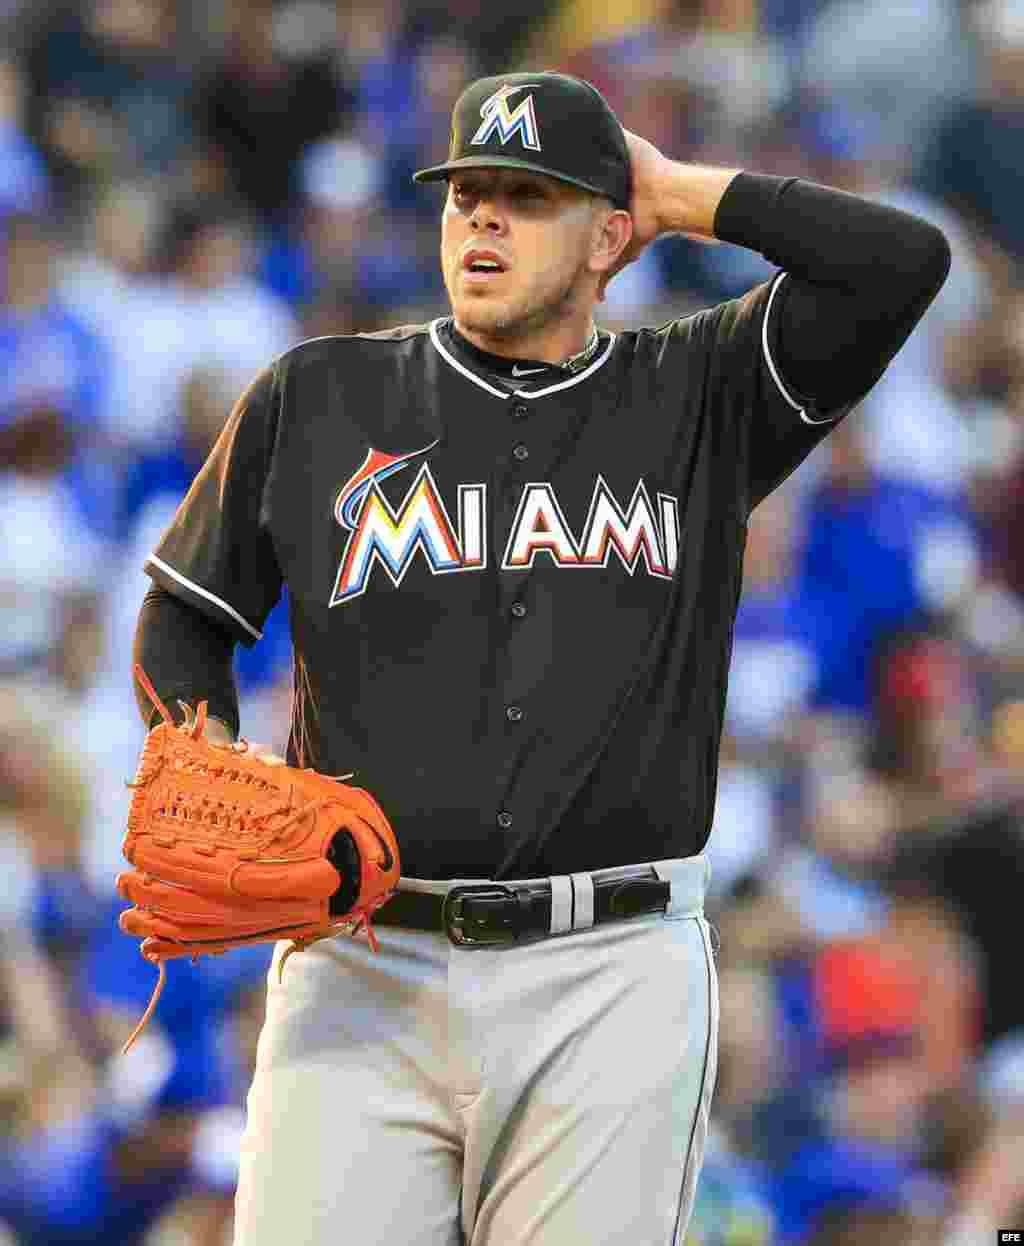 Fernández falleció en un accidente de bote en Miami Beach, a la edad de 24 años.